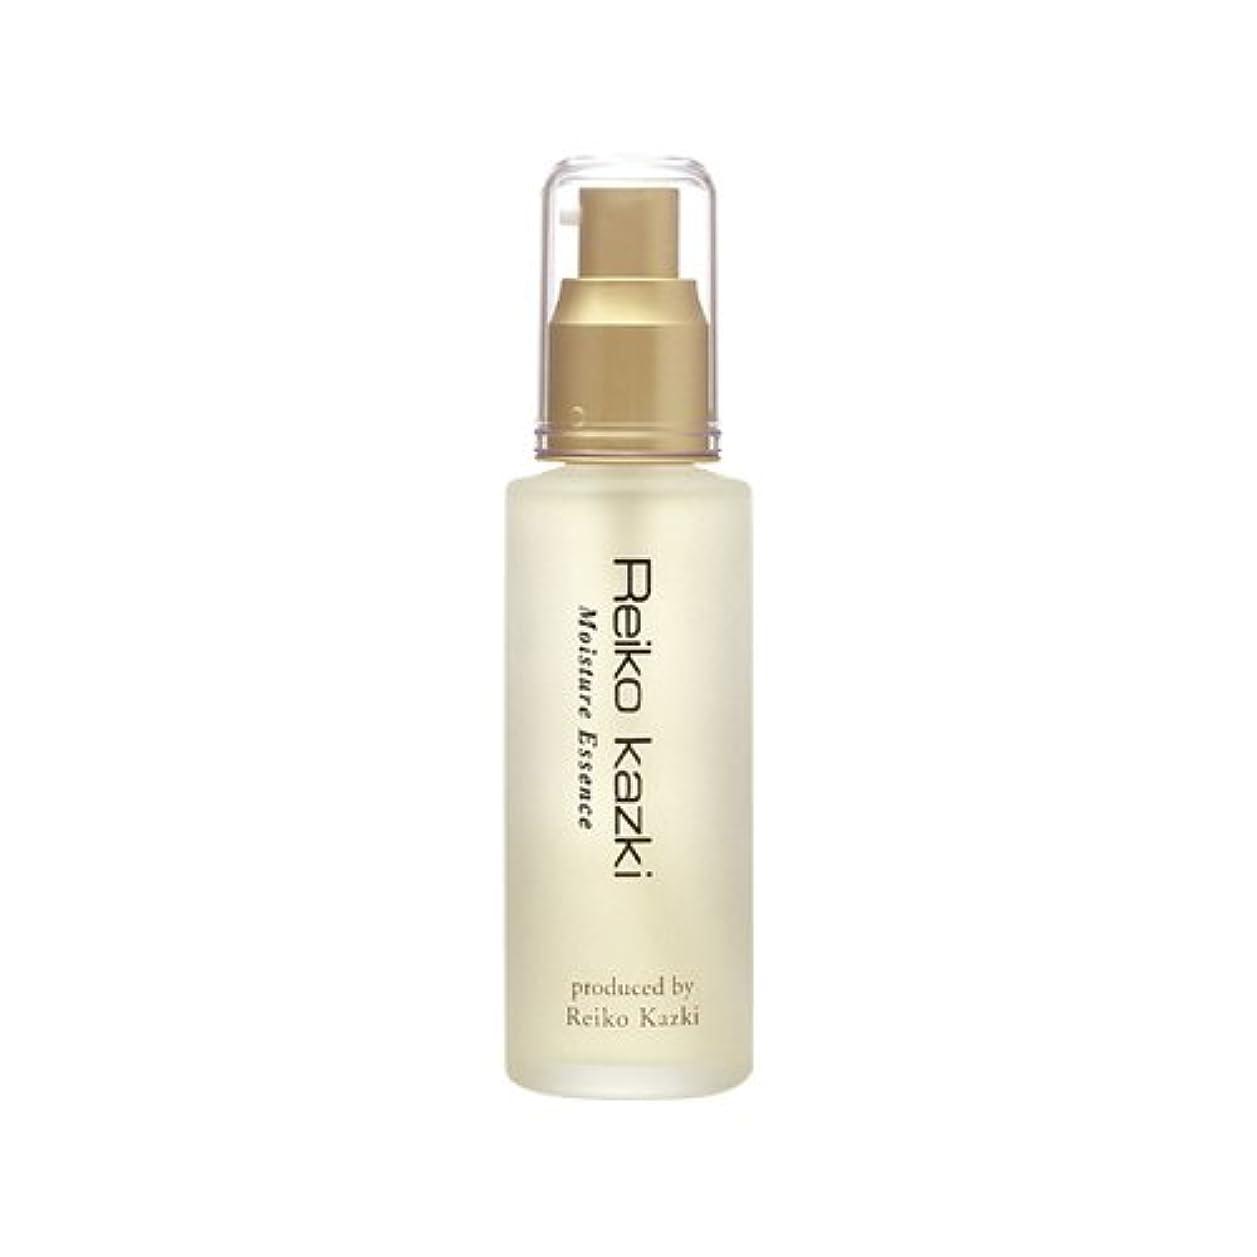 ナビゲーションボトル湿ったかづきれいこ 美容液 60mL 和漢植物エキス配合で、肌本来の健康を保つ美容液。かづきマッサージに欠かせないロングセラーアイテム。